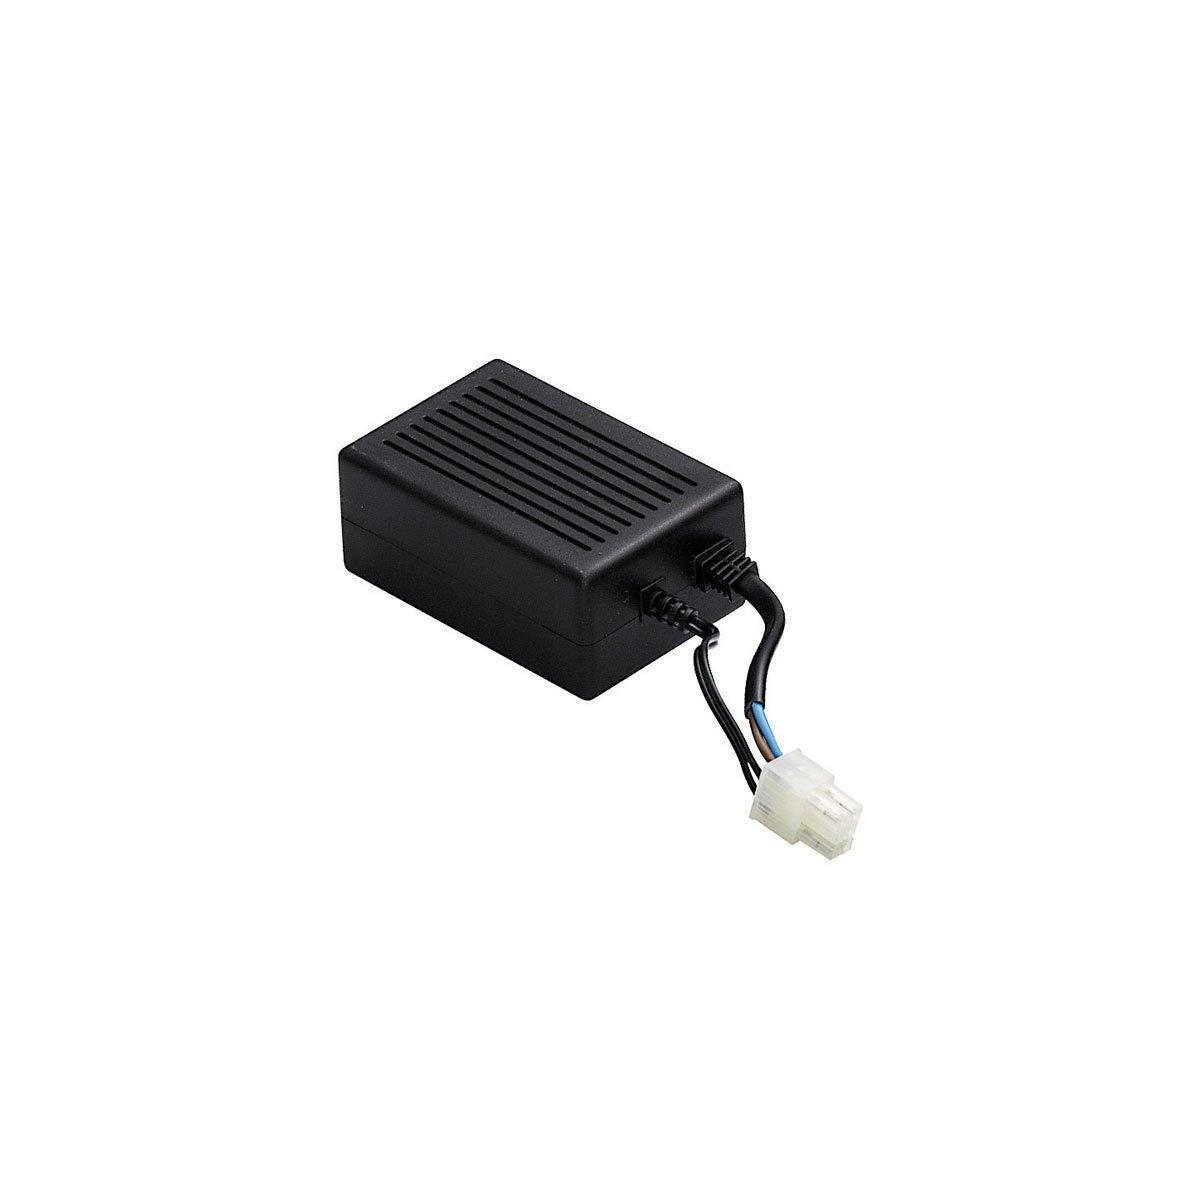 ohovps1b videotec, Adattatore per fotocamere, 100 –  240 VAC/12VDC, 1 a, per HOV portacomputer 100-240VAC/12VDC 1a 130359